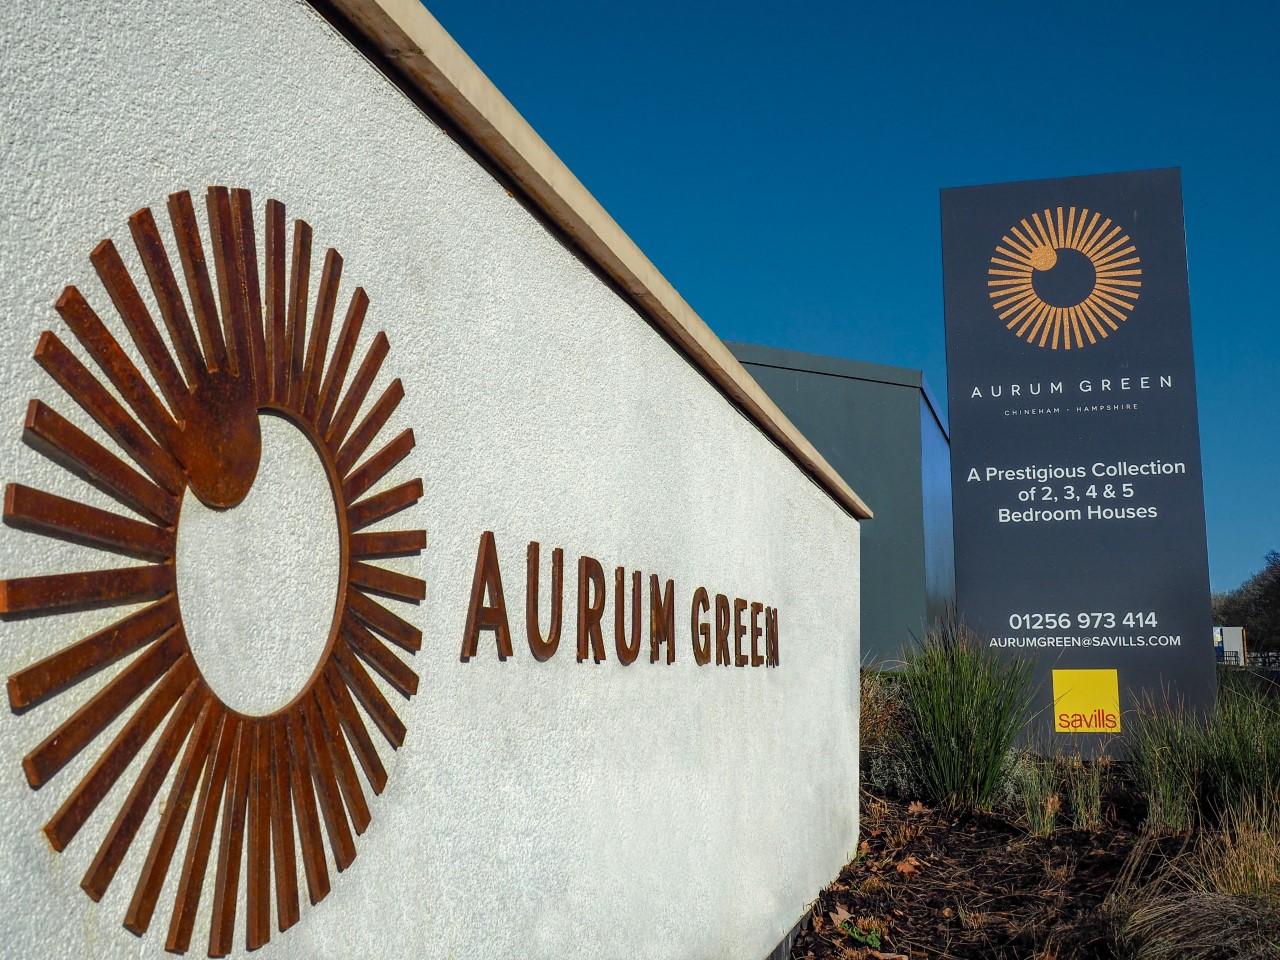 Aurum Green Chineham Hampshire